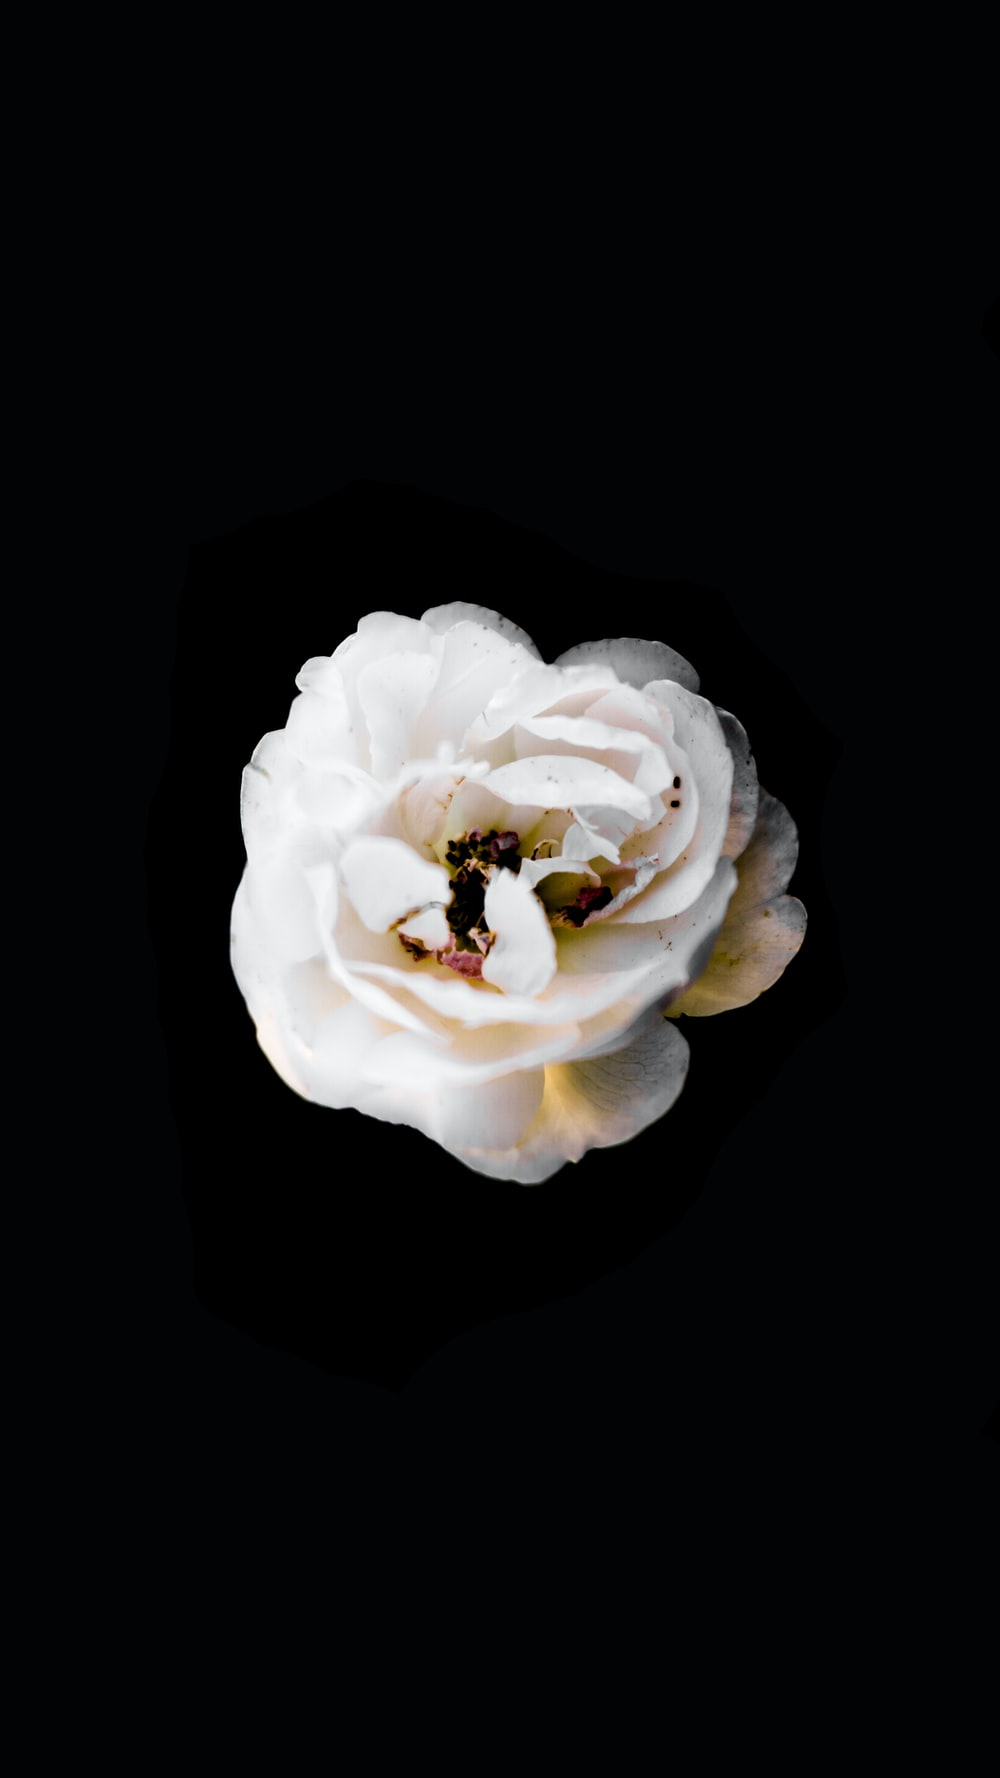 macro shot of white flower